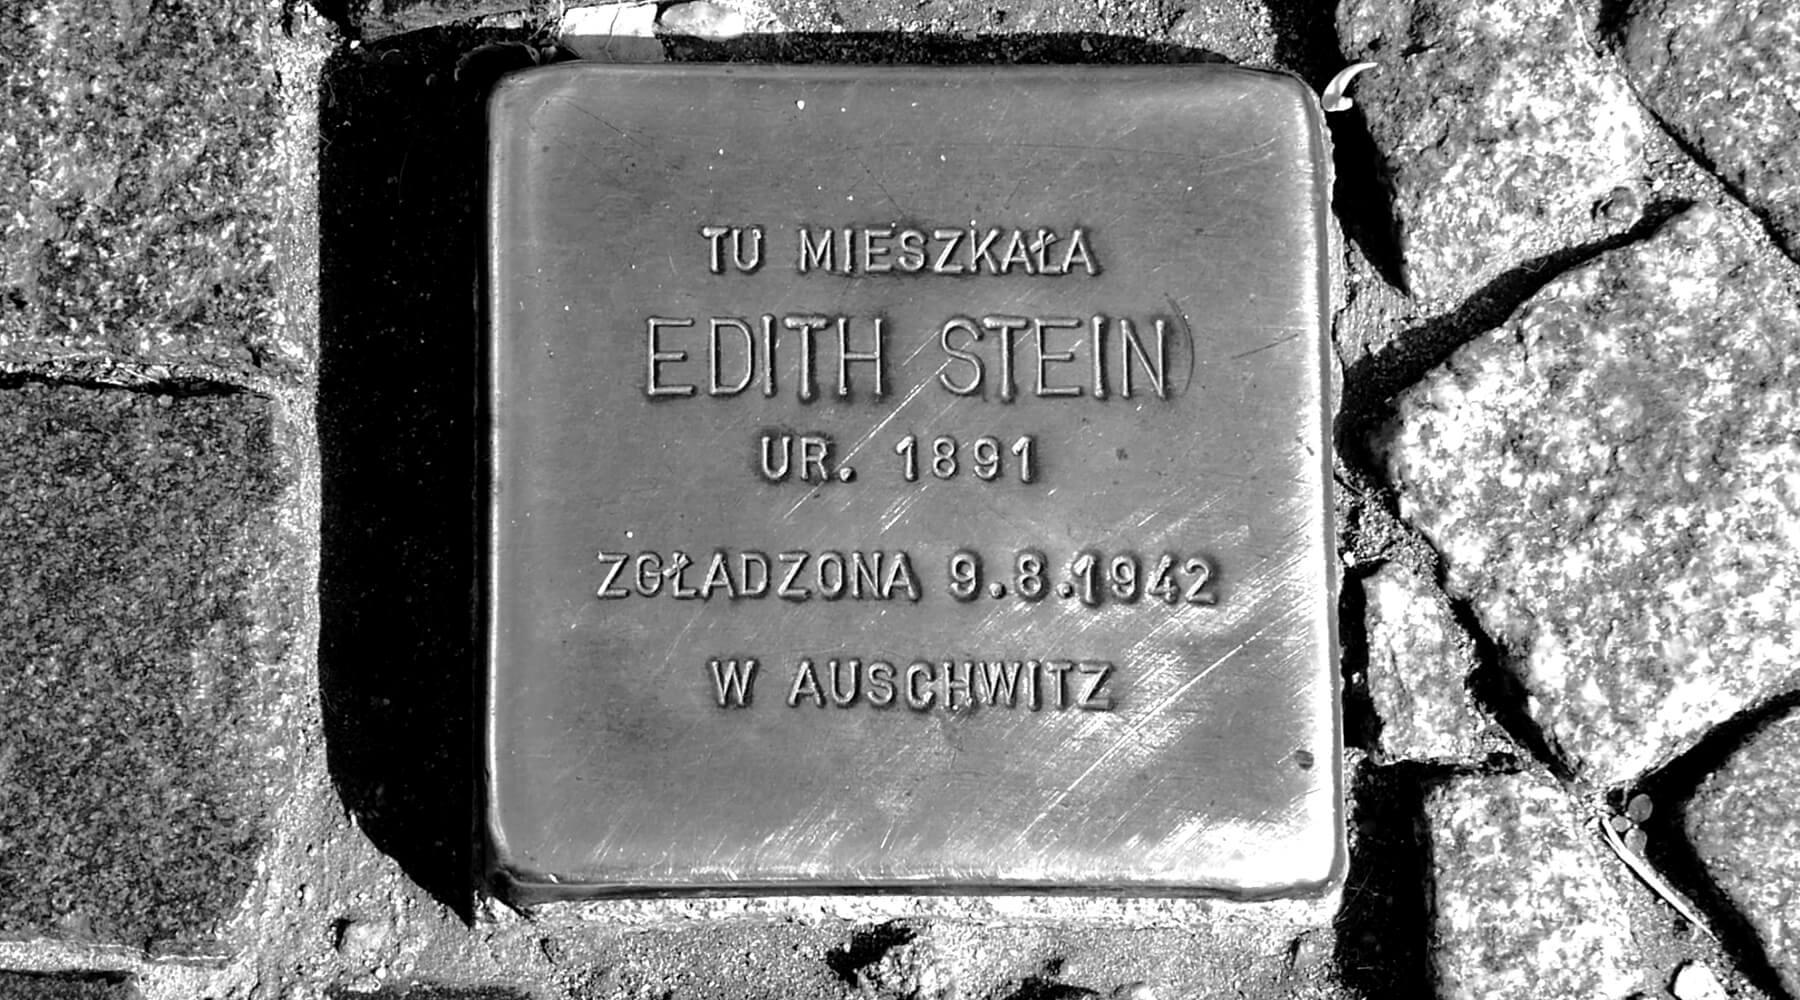 Spacer Śladami Edyty Stein